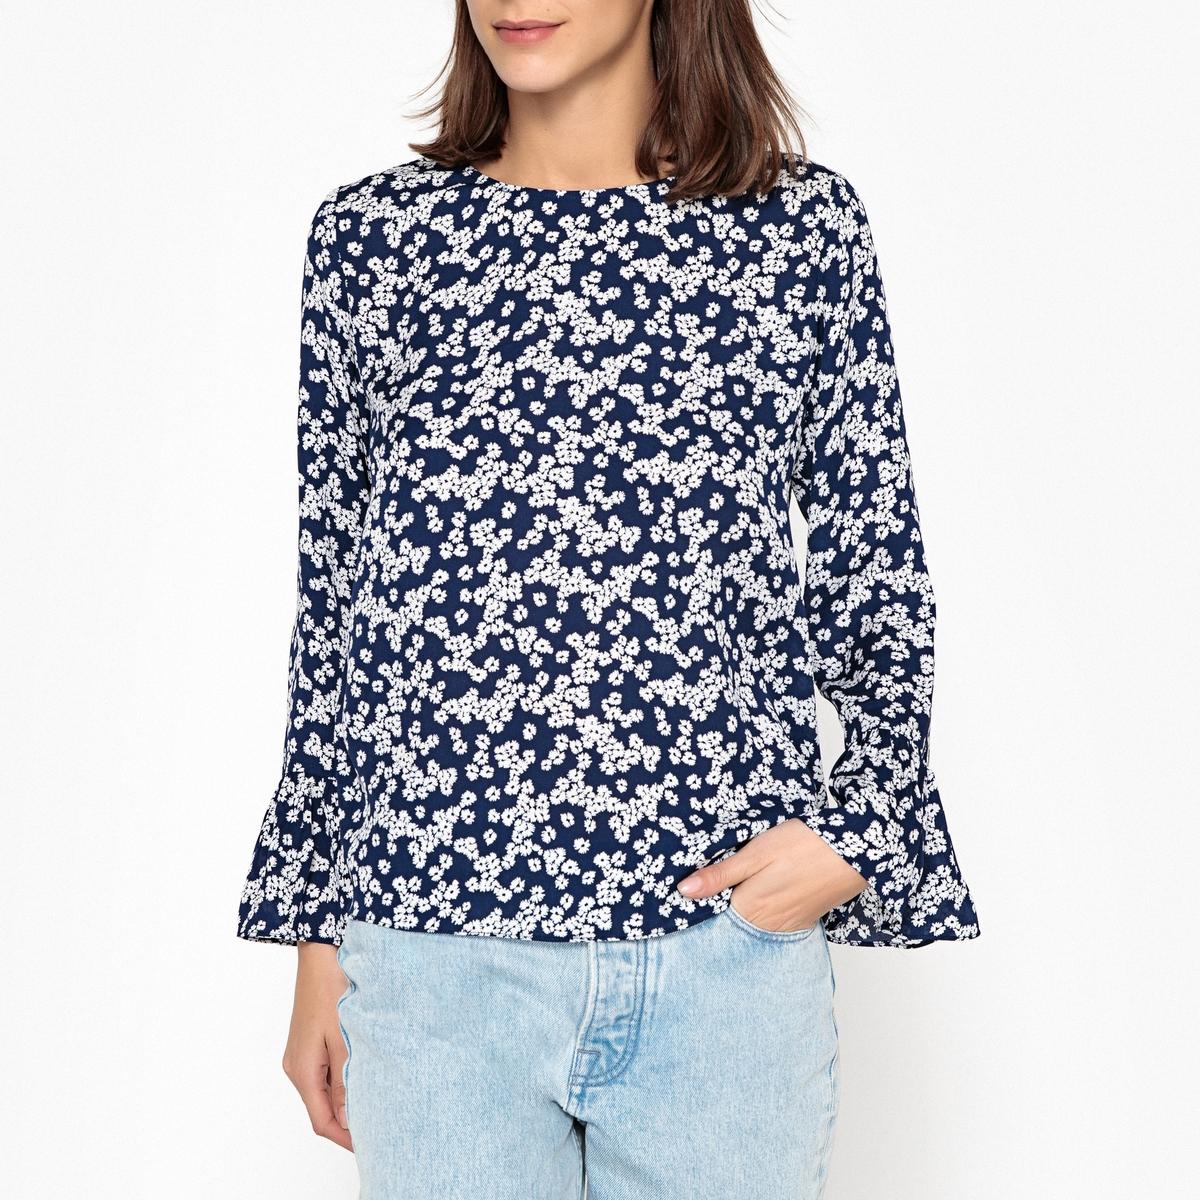 Блузка с рисунком, круглым вырезом и длинными рукавами блузка в клетку с воланами и длинными рукавами check